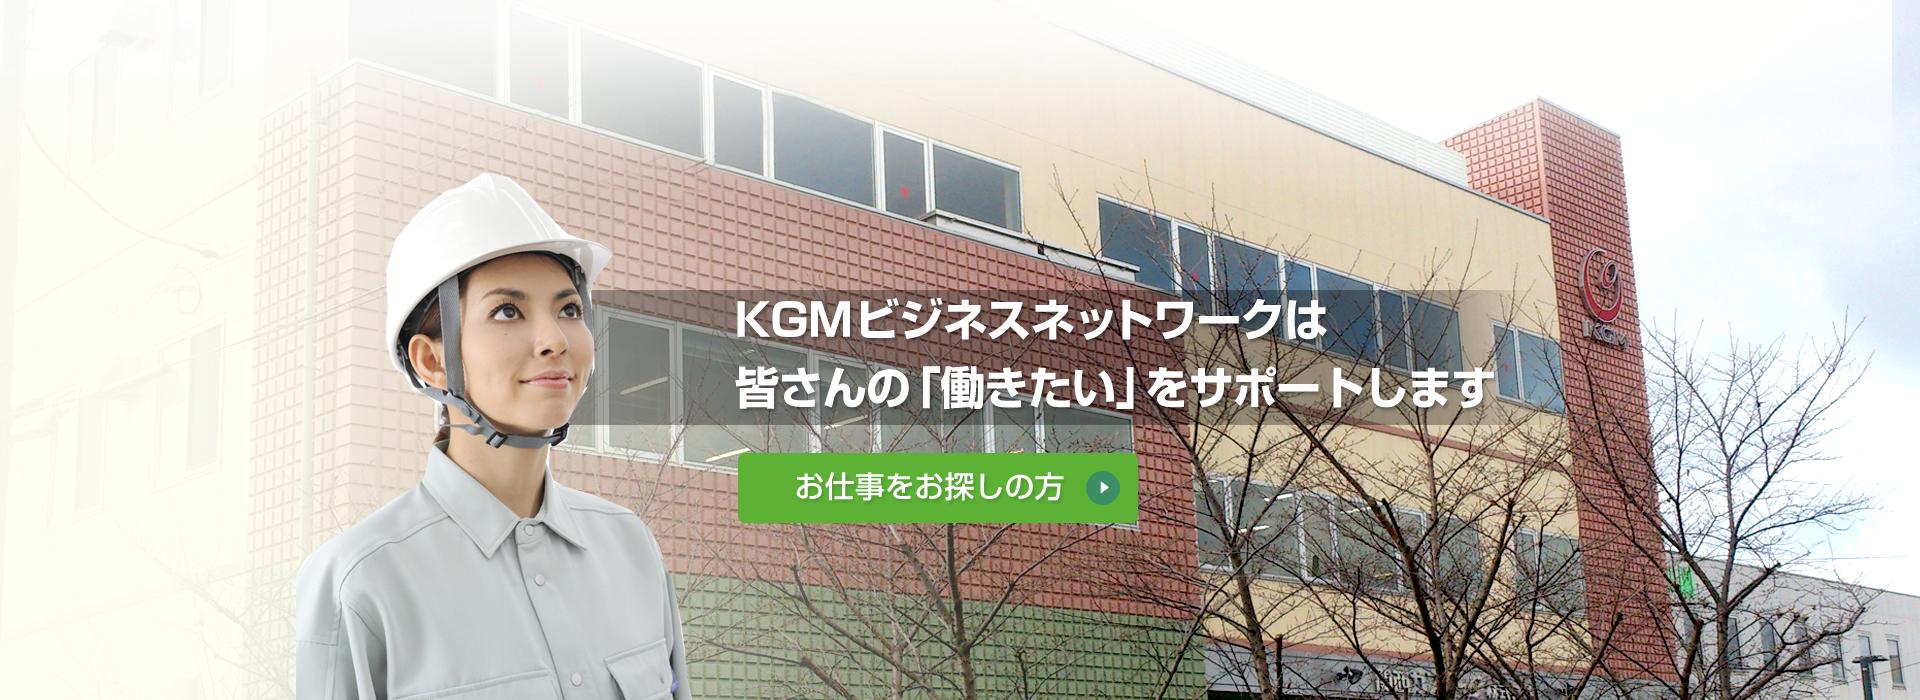 KGMメインイメージ